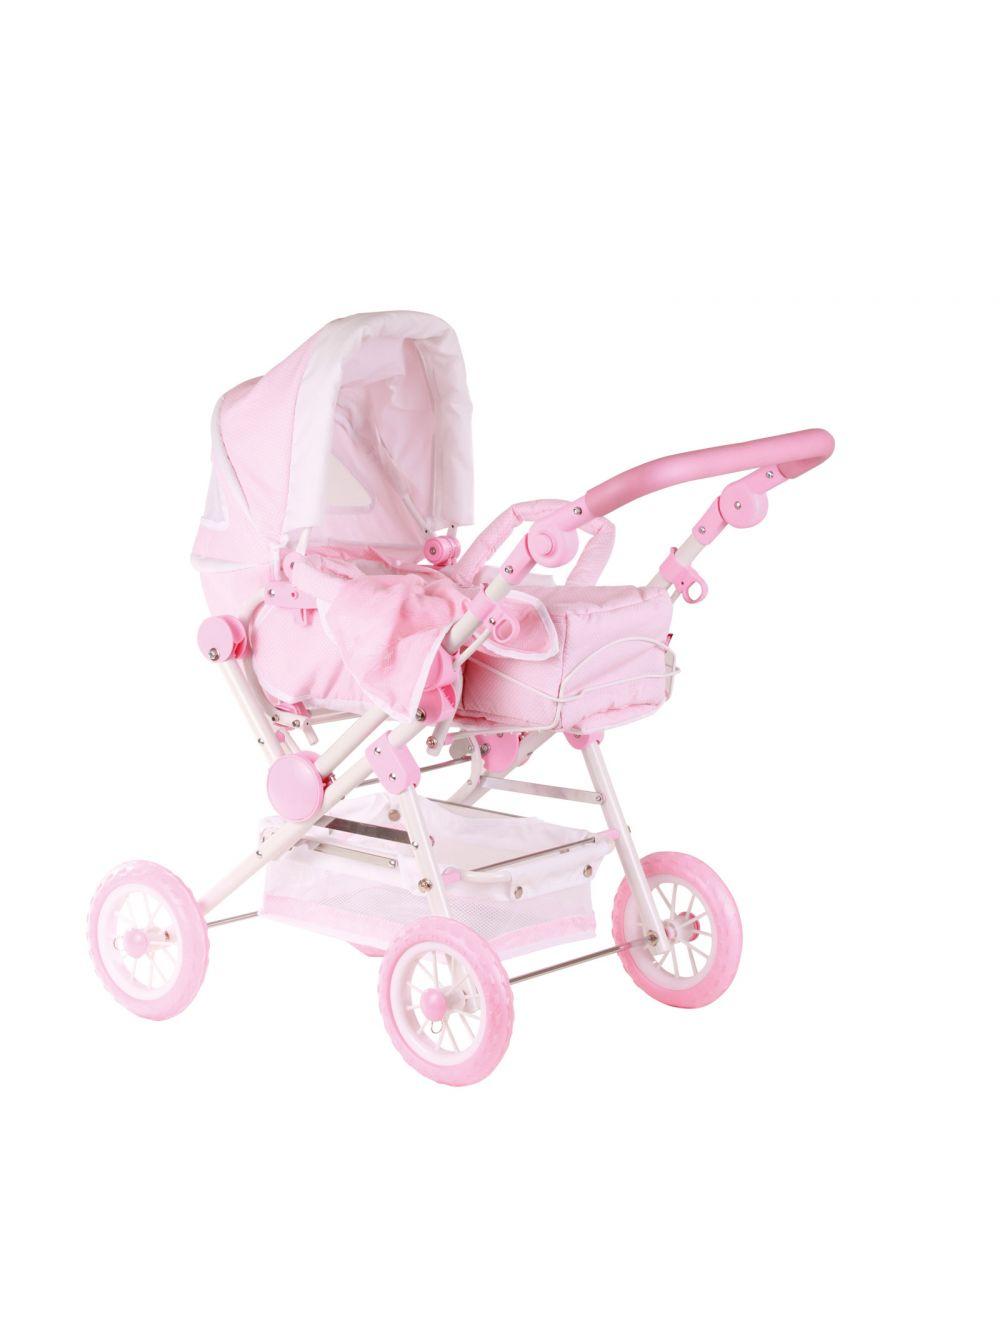 Nukuvanker-käru 4-rattaline roosa-valge